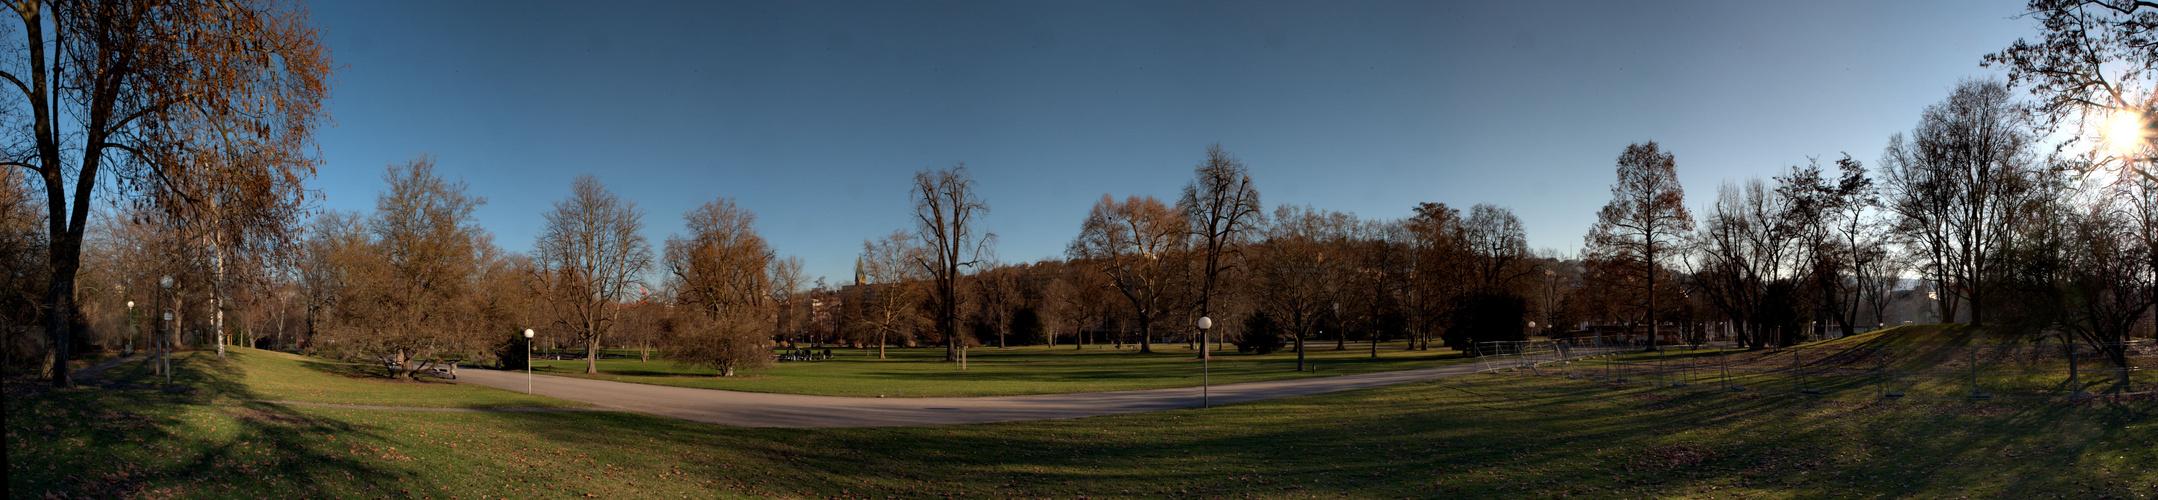 Schlossgarten Stuttgart - Blick vom Feldherrenhügel